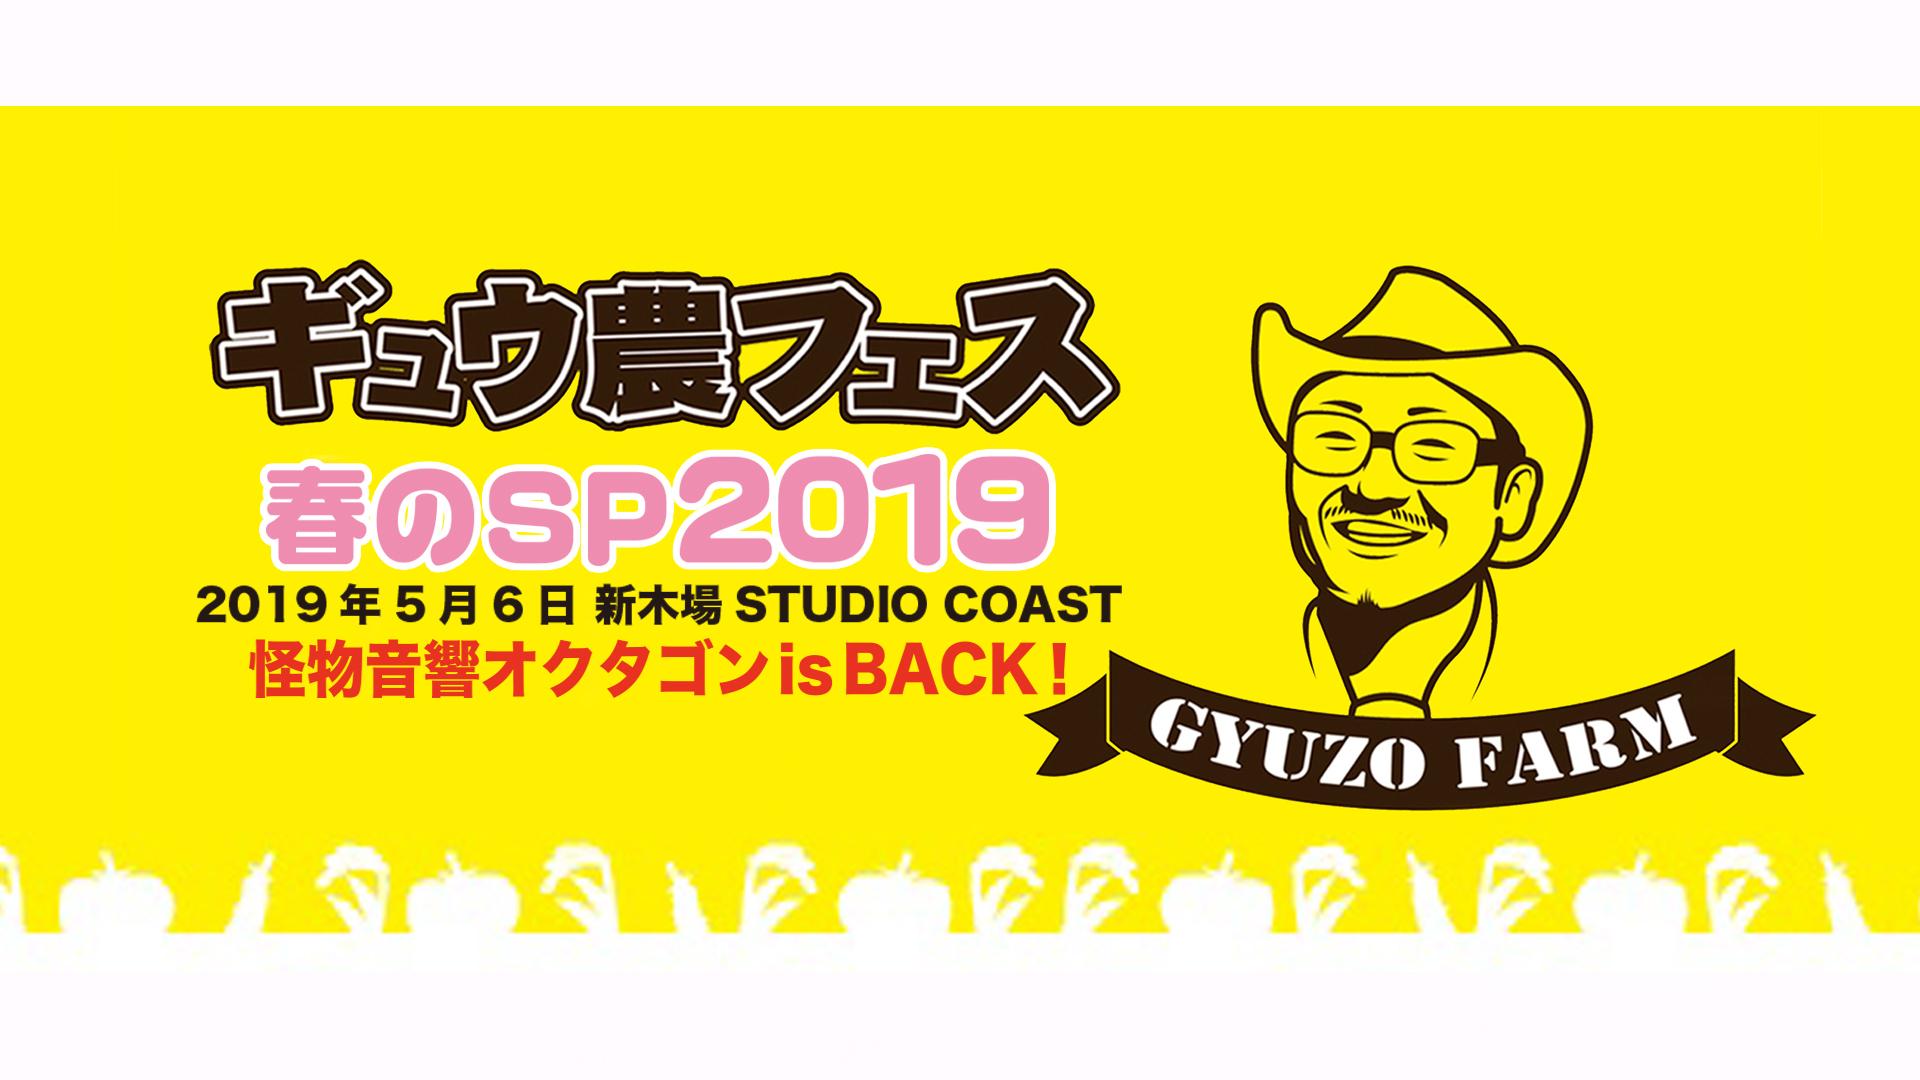 ギュウ農フェス春のSP2019